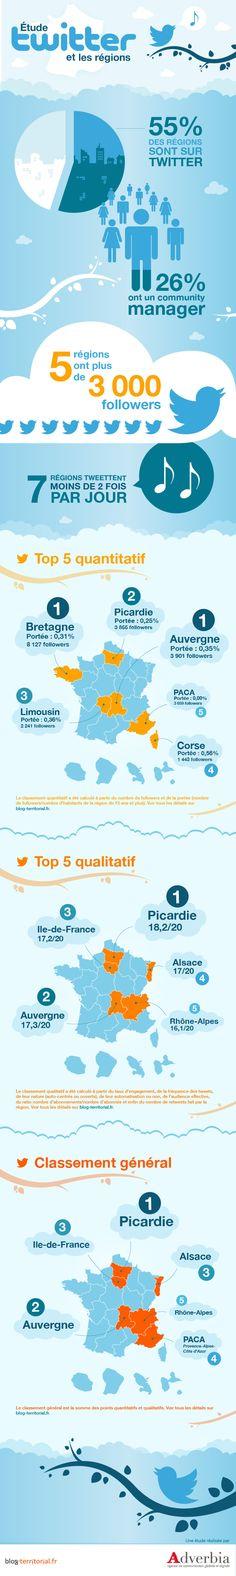 L'utilisation de #Twitter par les régions en une #infographie